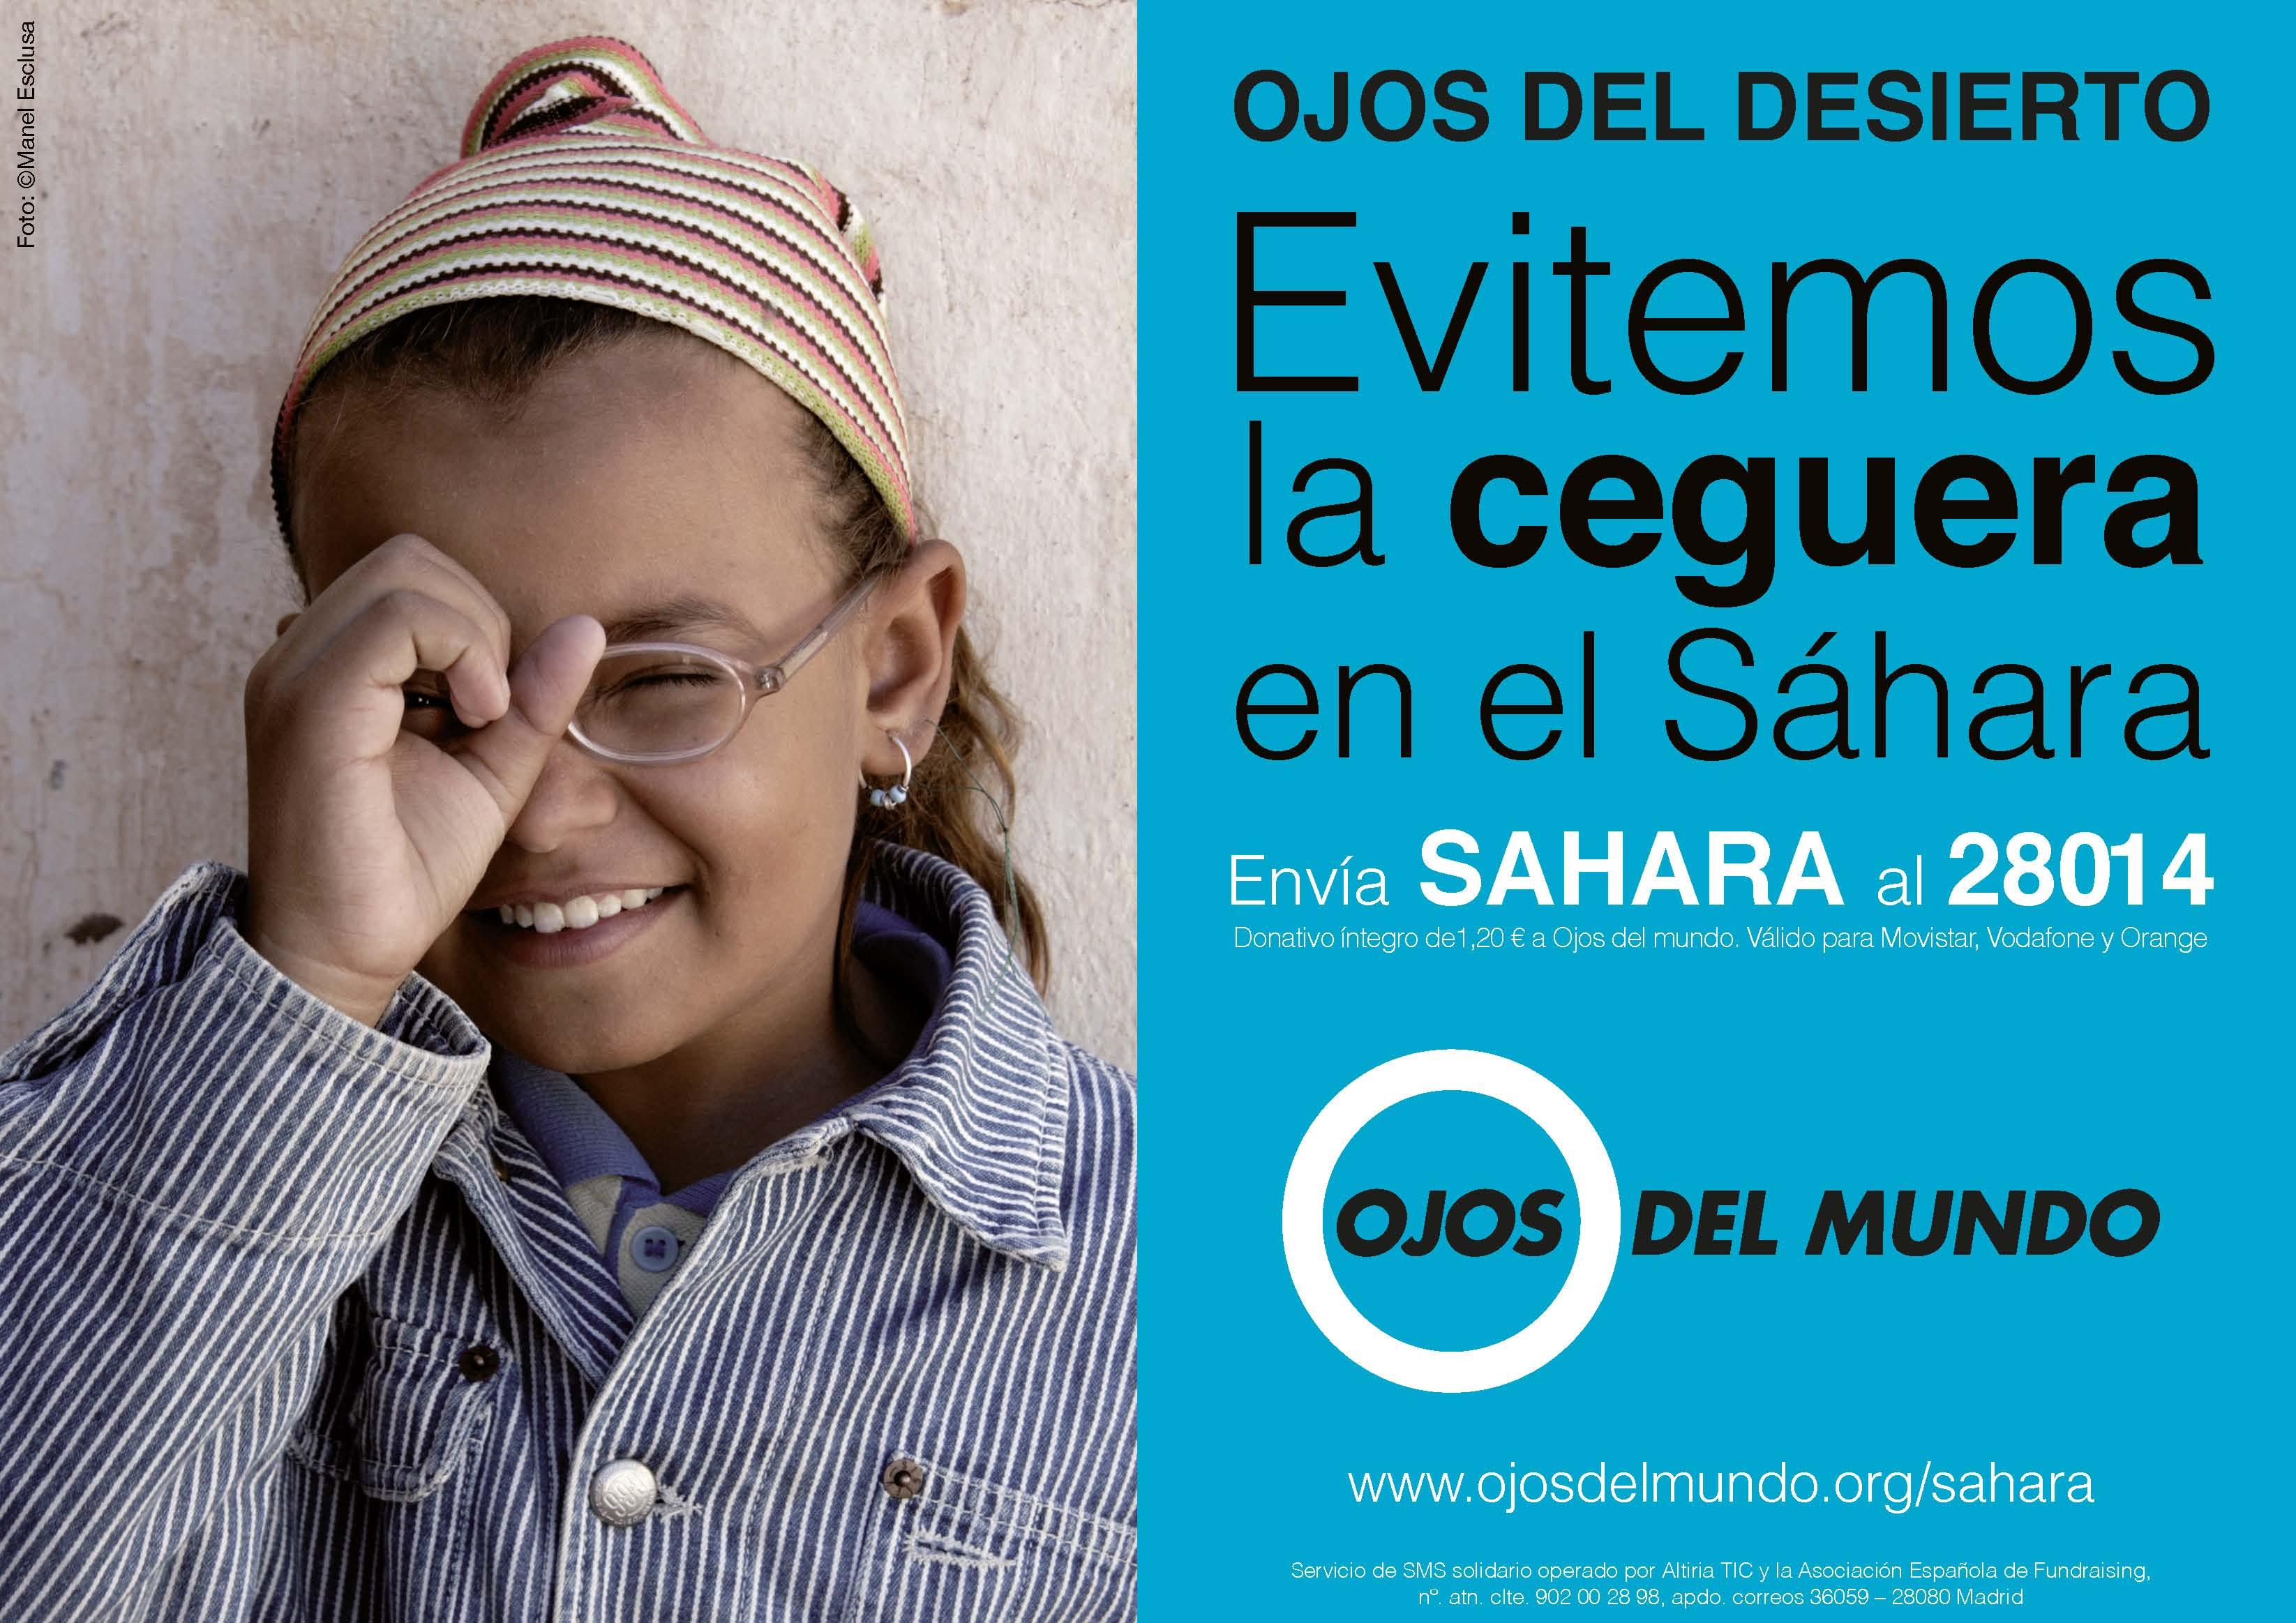 Evitemos la ceguera en el Sáhara. Envía SAHARA al 28014.